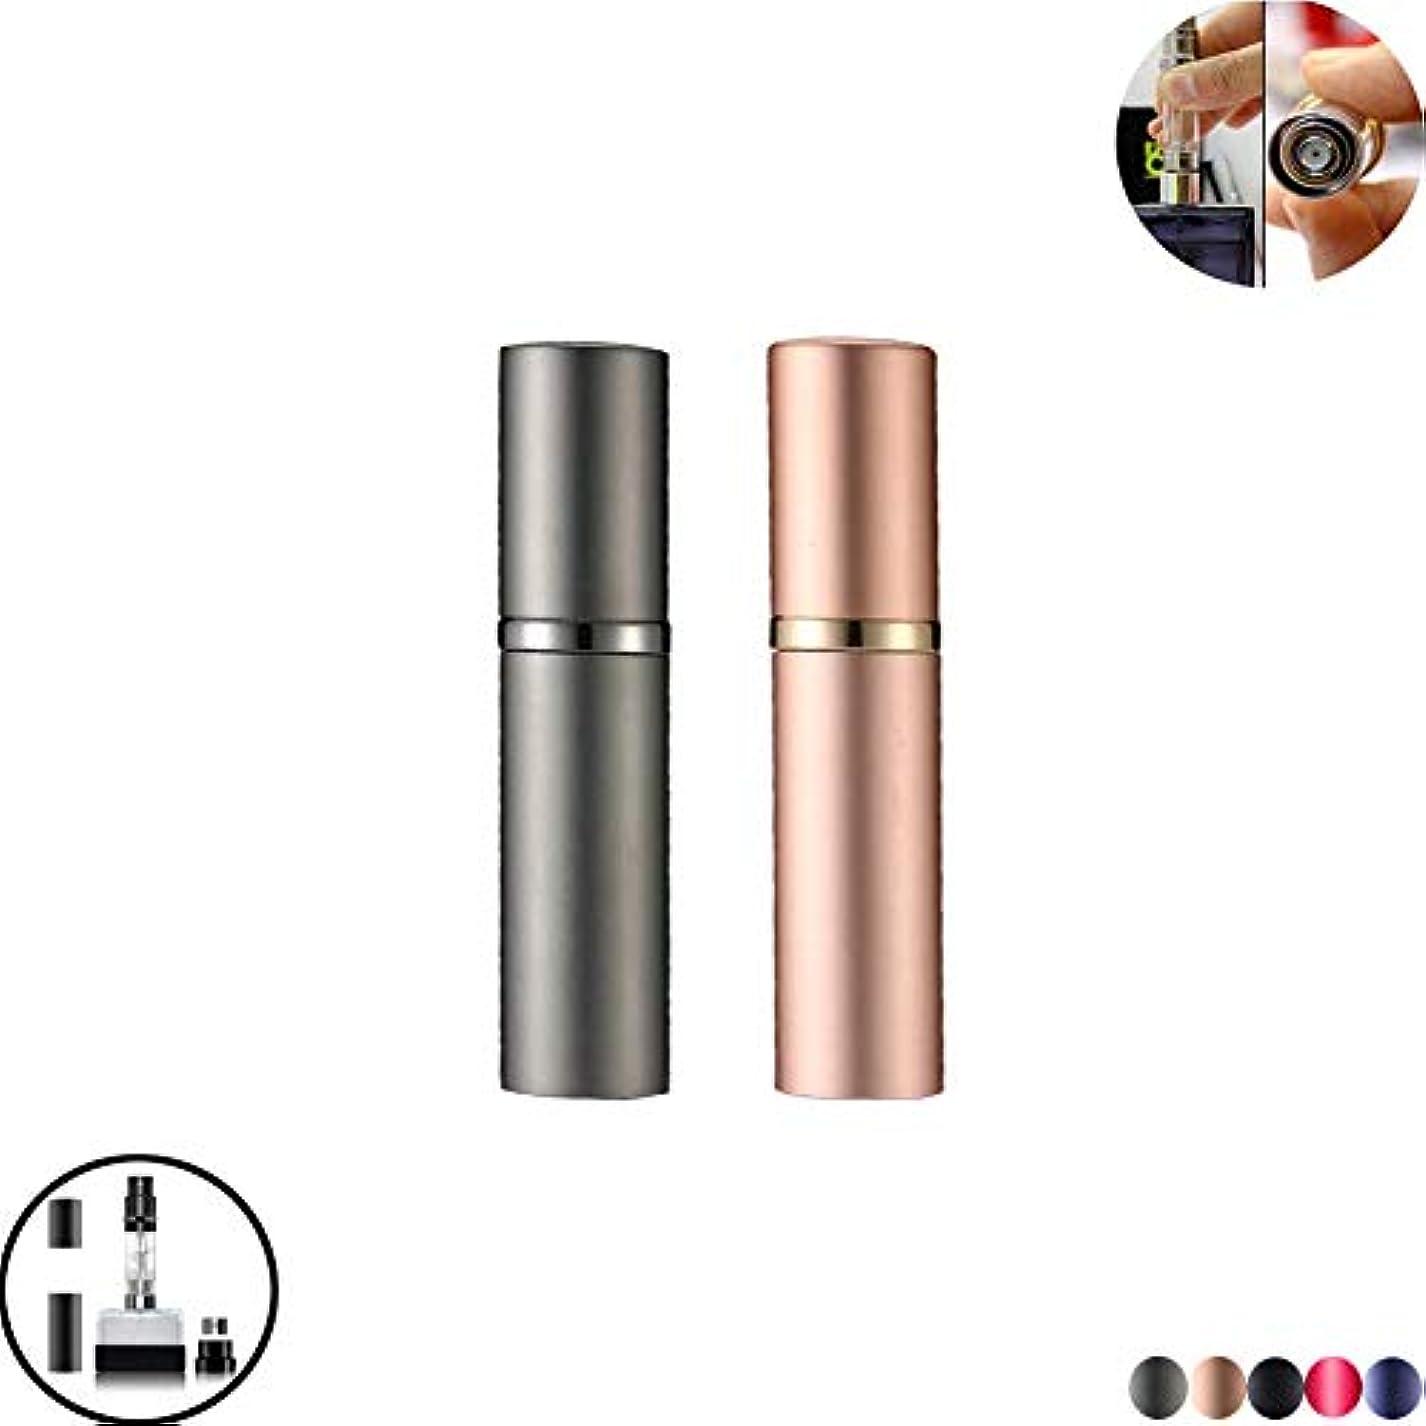 別にシーサイドアマチュアアトマイザー 詰め替え AsaNana ポータブル クイック 香水噴霧器 携帯用 詰め替え容器 香水用 ワンタッチ補充 香水スプレー パフューム Quick Atomizer プシュ式 (Gray +Rose Gold)